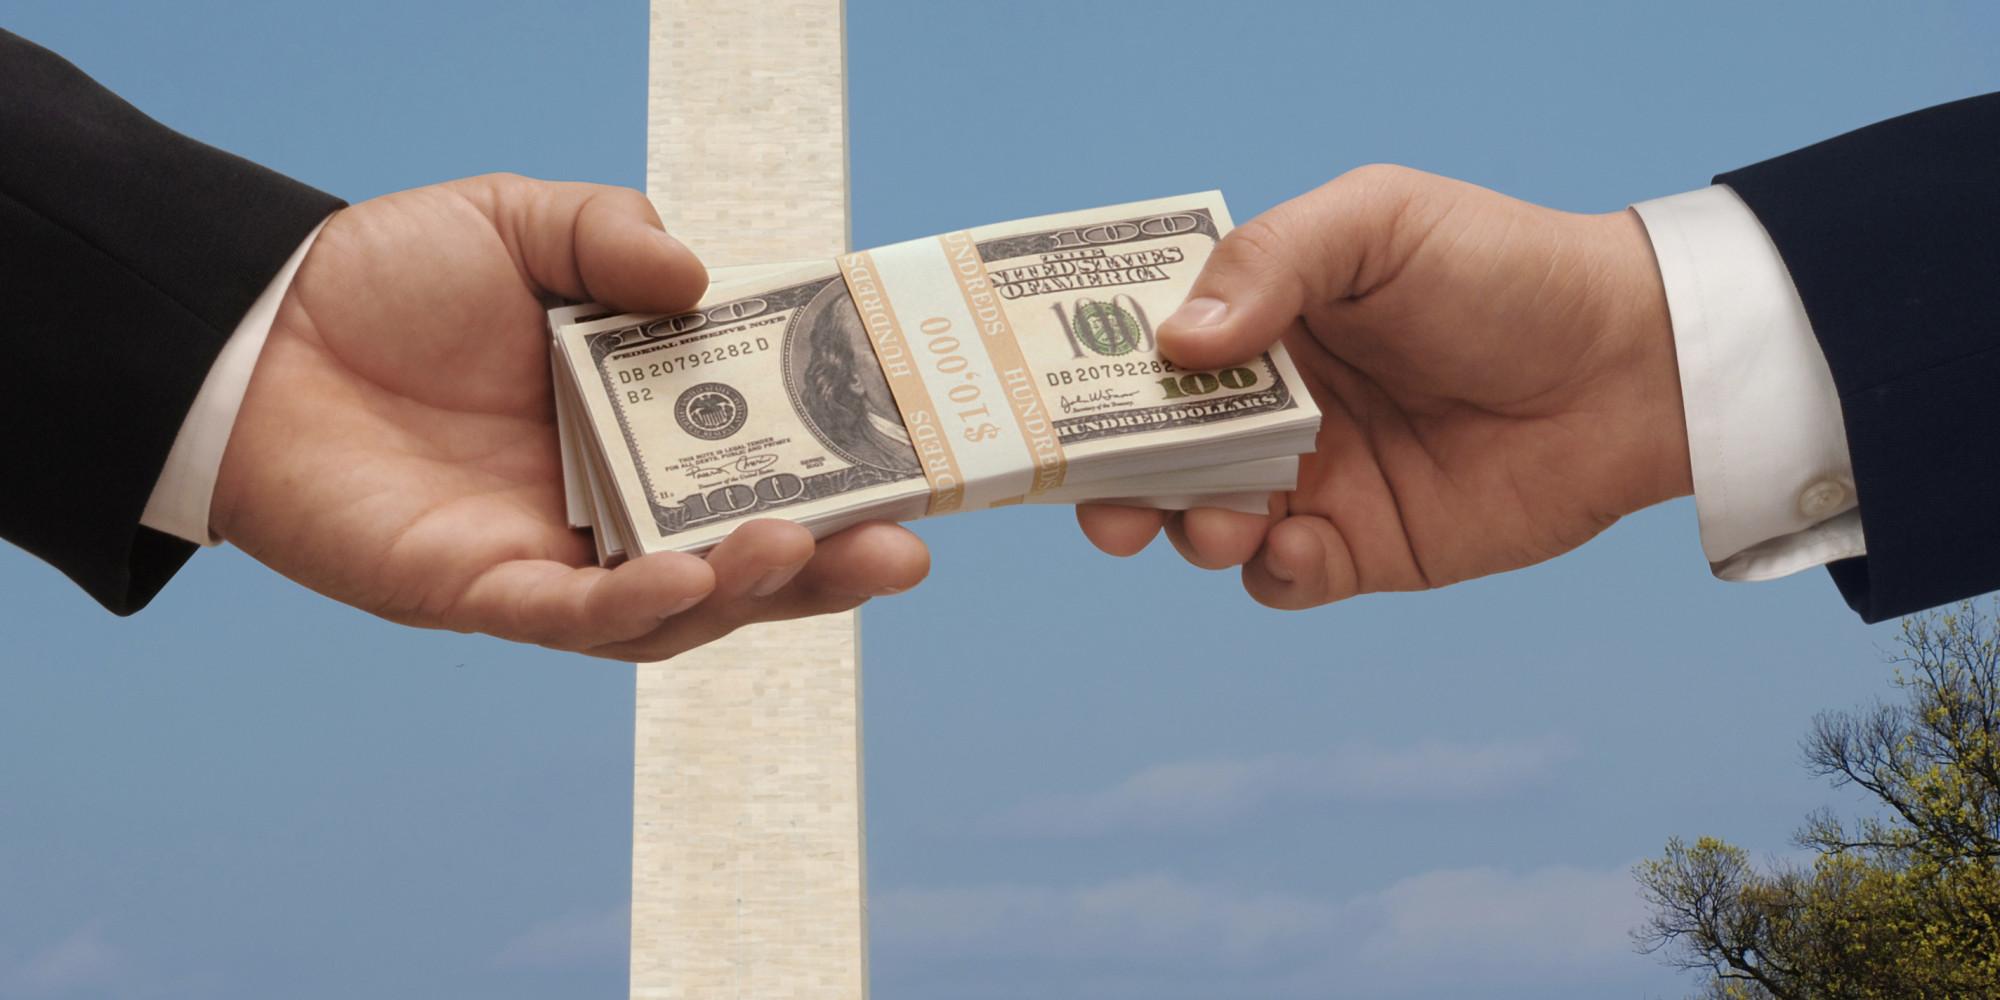 Rang lista proizvođača po visini troškova lobiranja u Americi